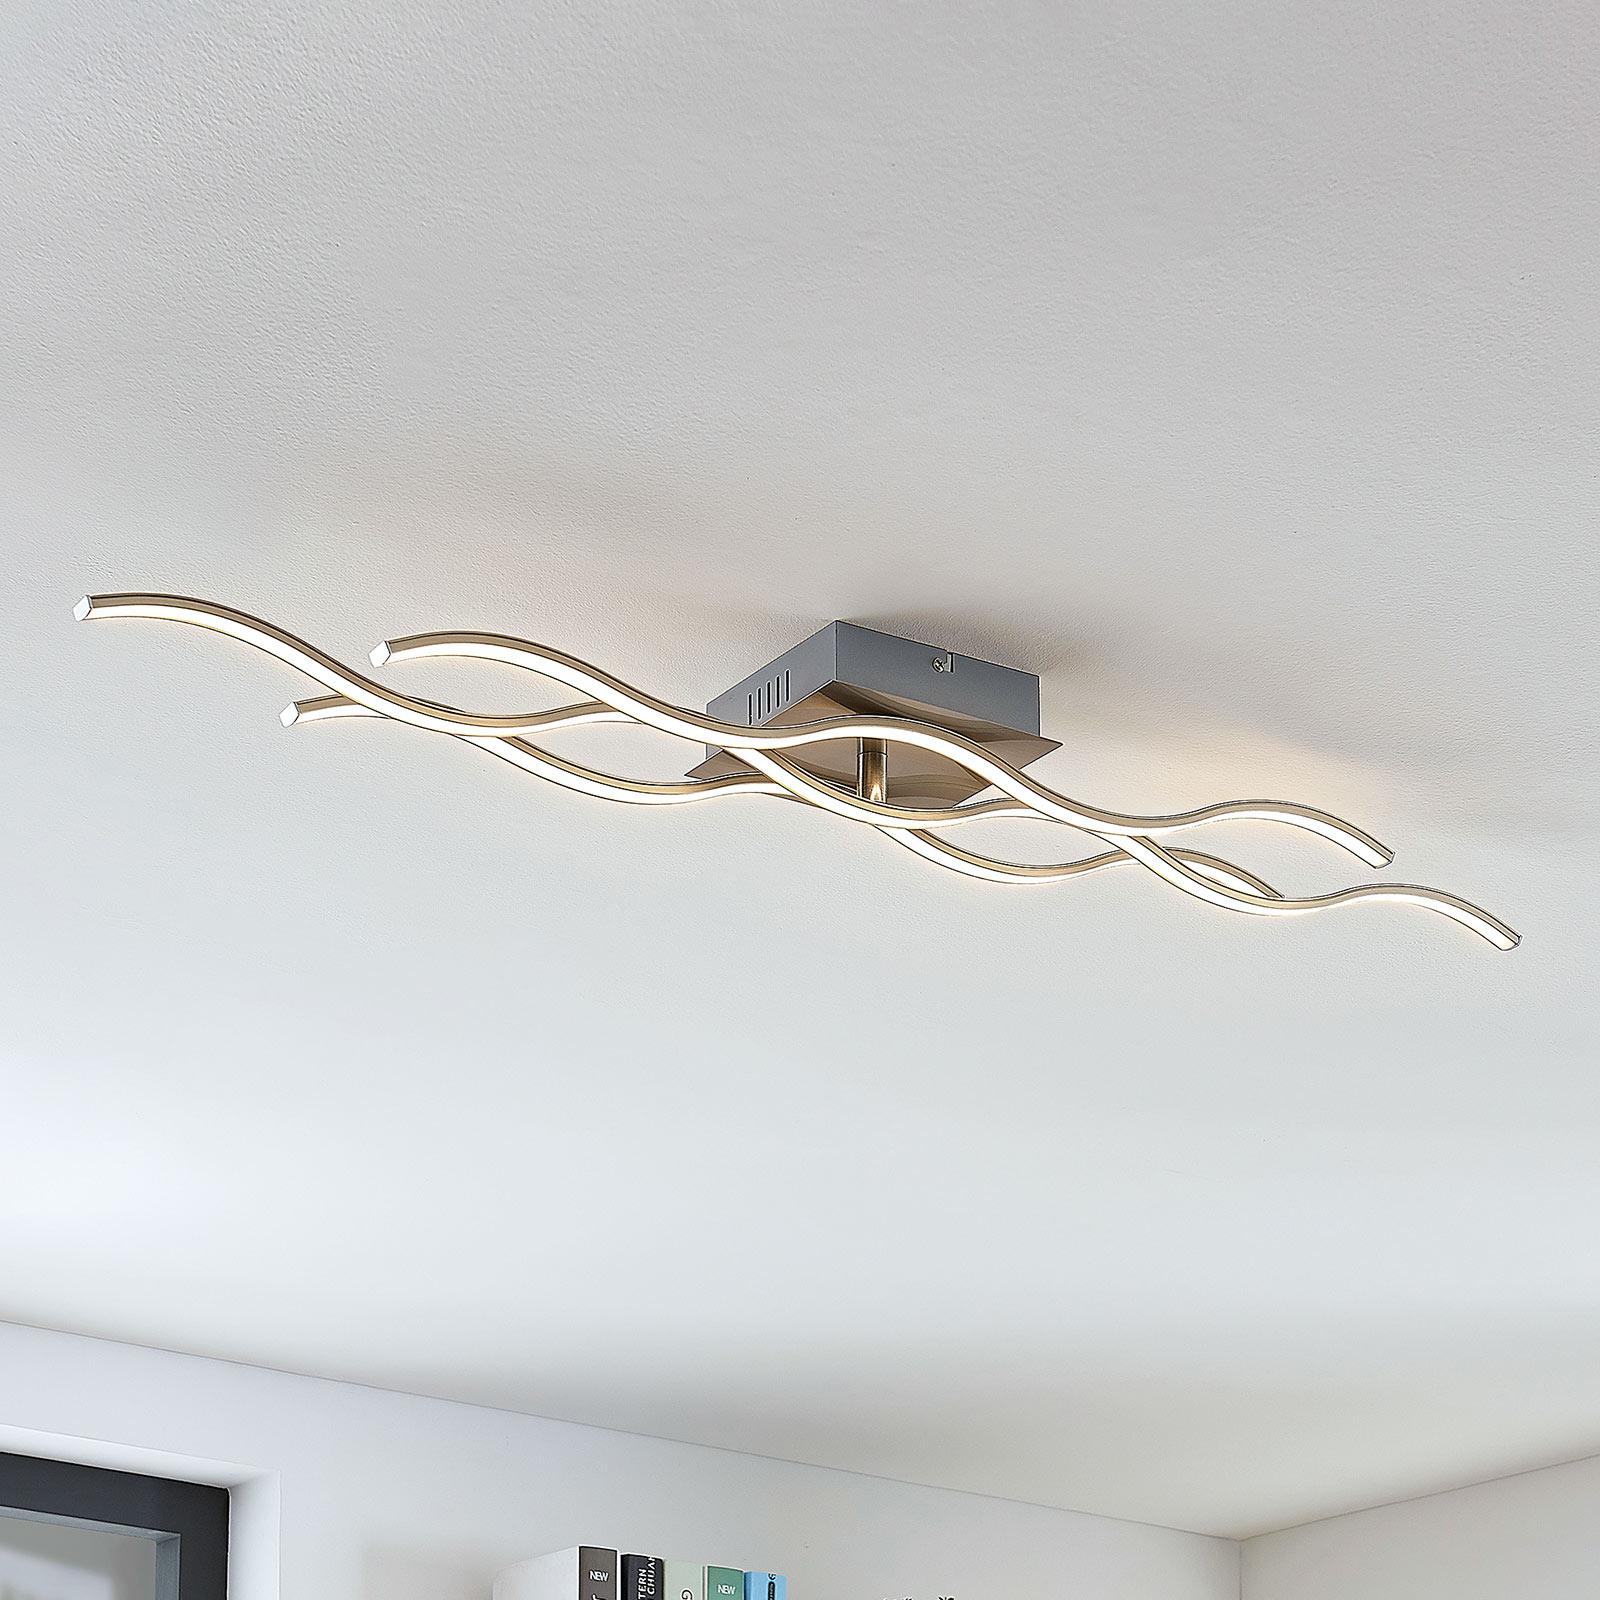 Dreiflammige LED-Deckenleuchte Safia in Wellenform